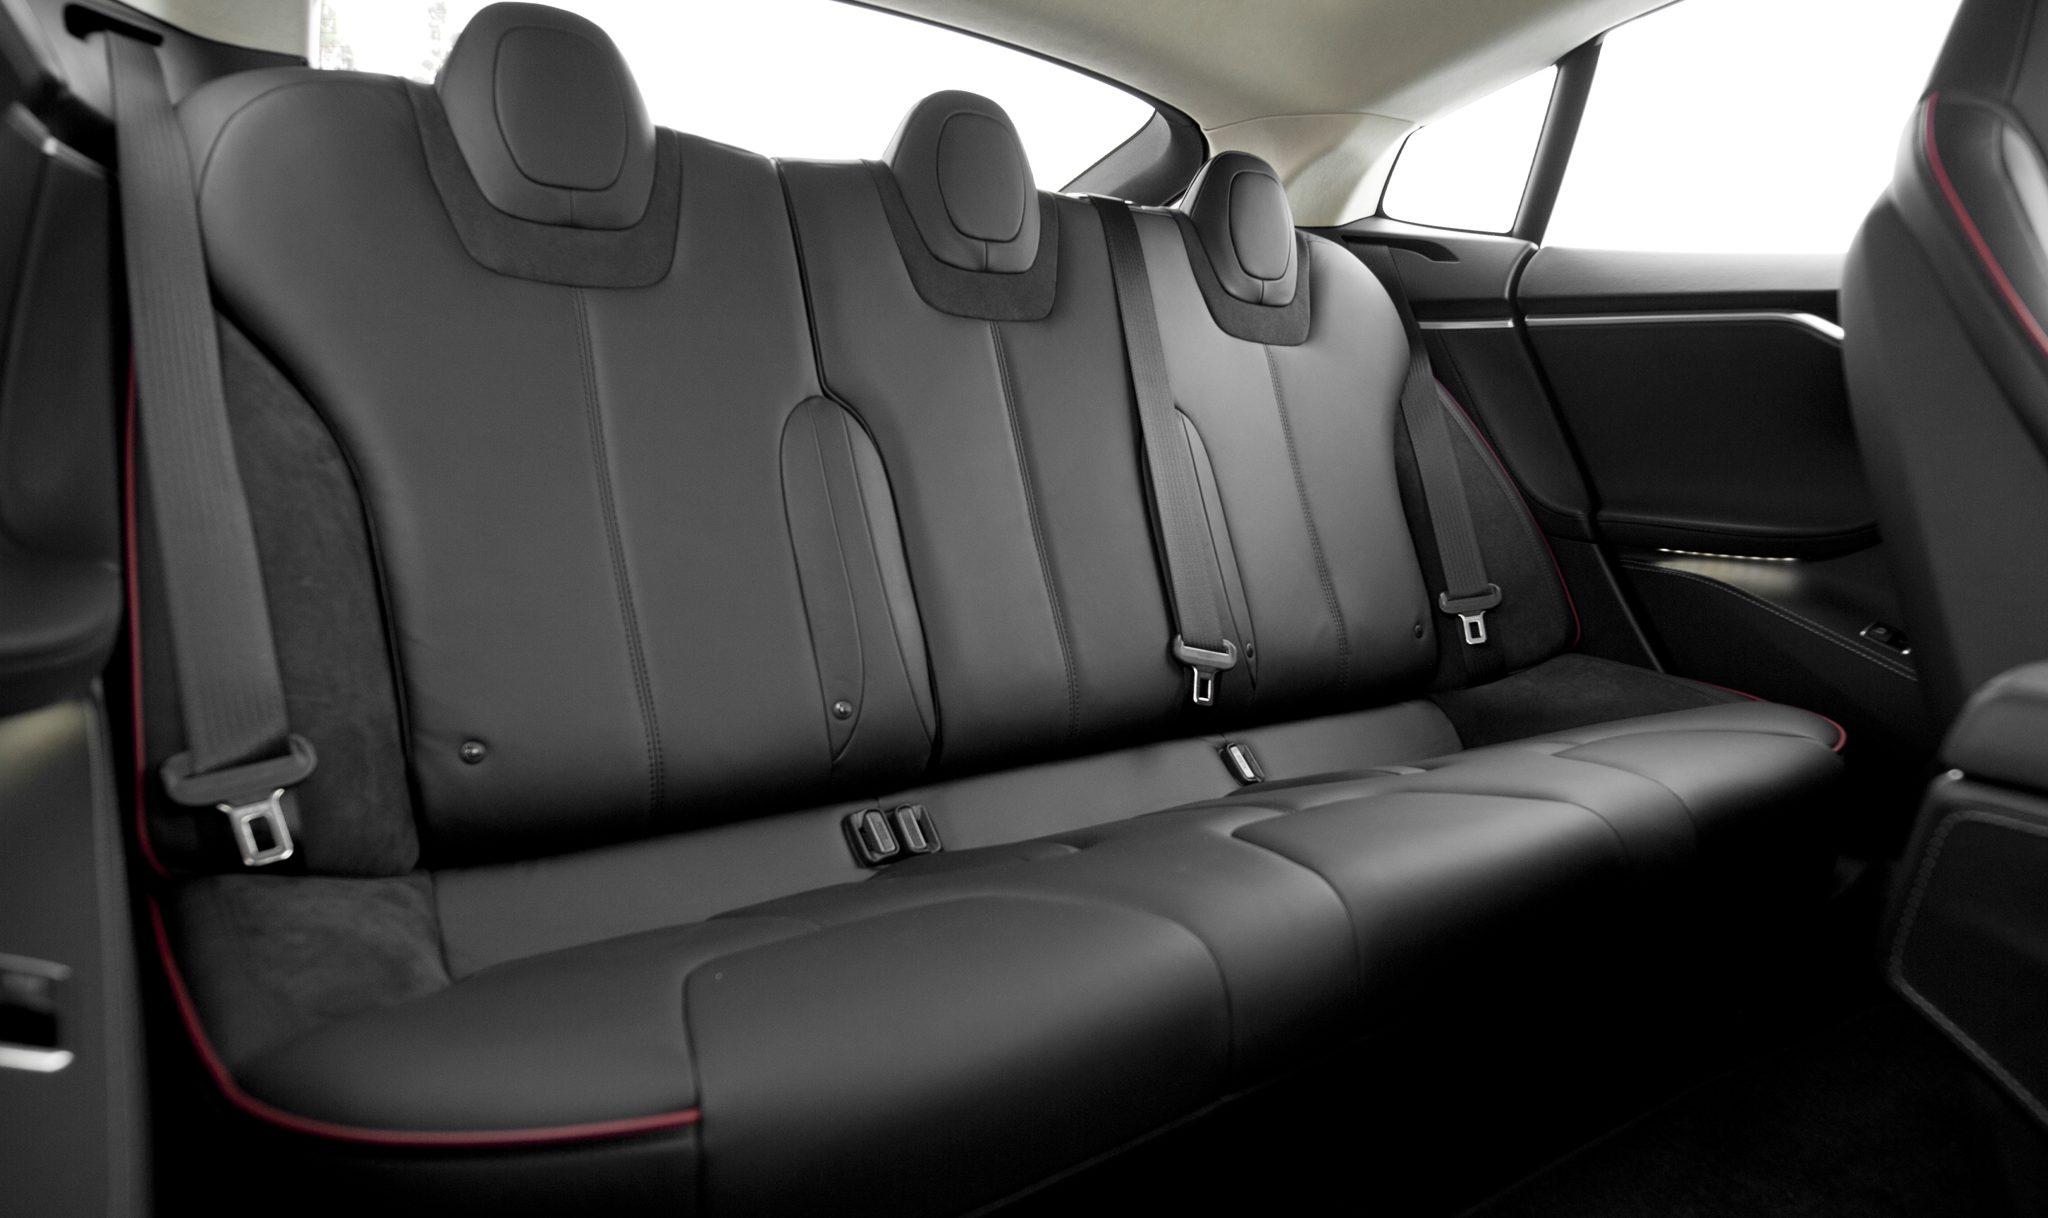 Tesla interior back seat